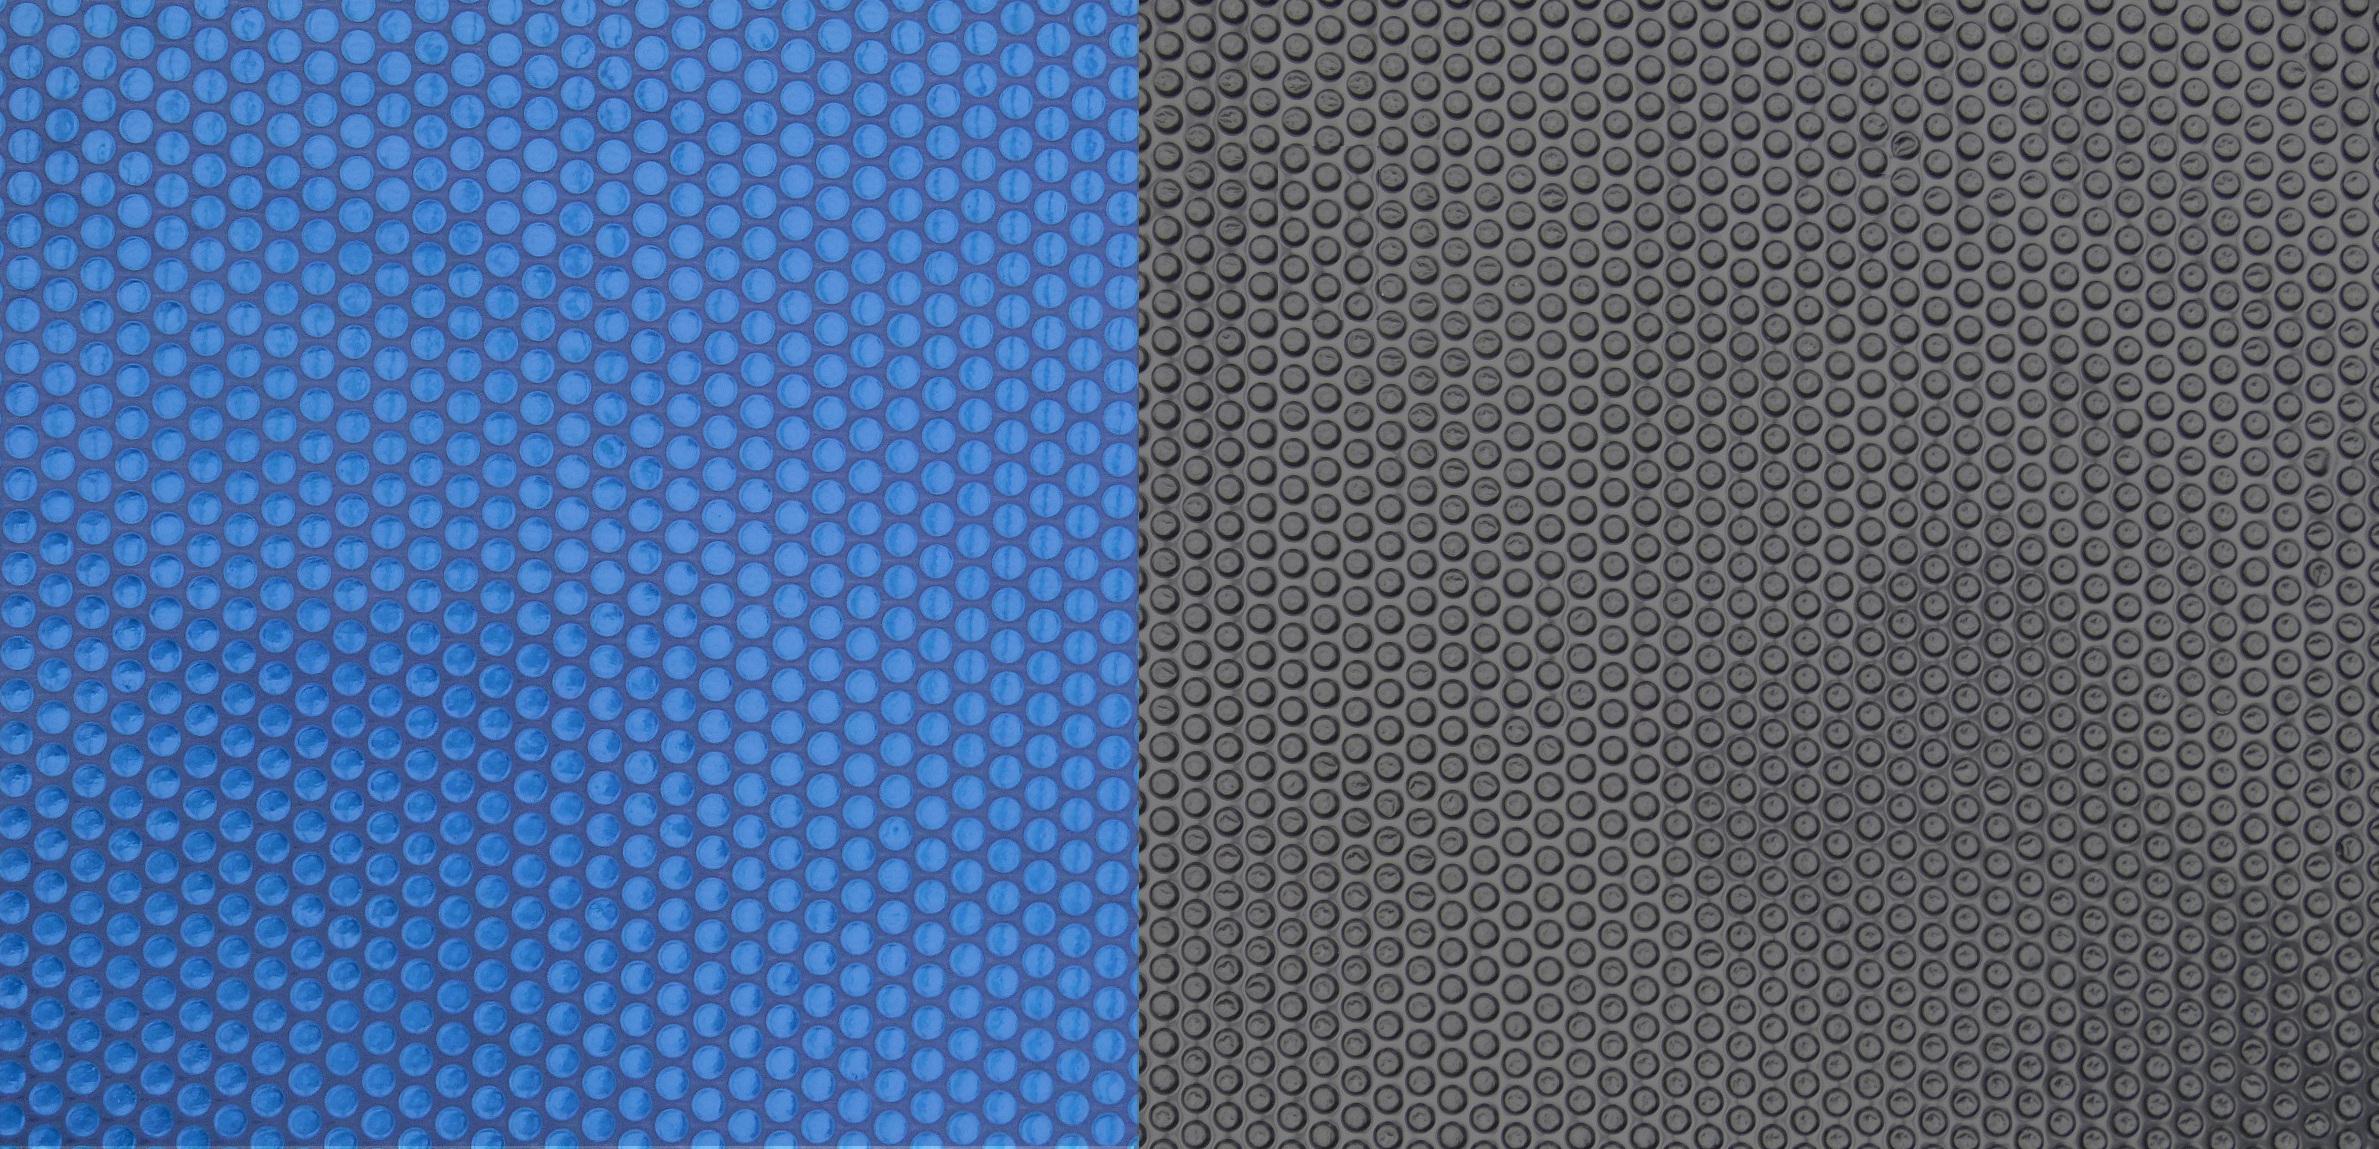 Solarfolie 9 00 x 5 00 m poolfolie 400 m schwarz blau for Poolfolie blau